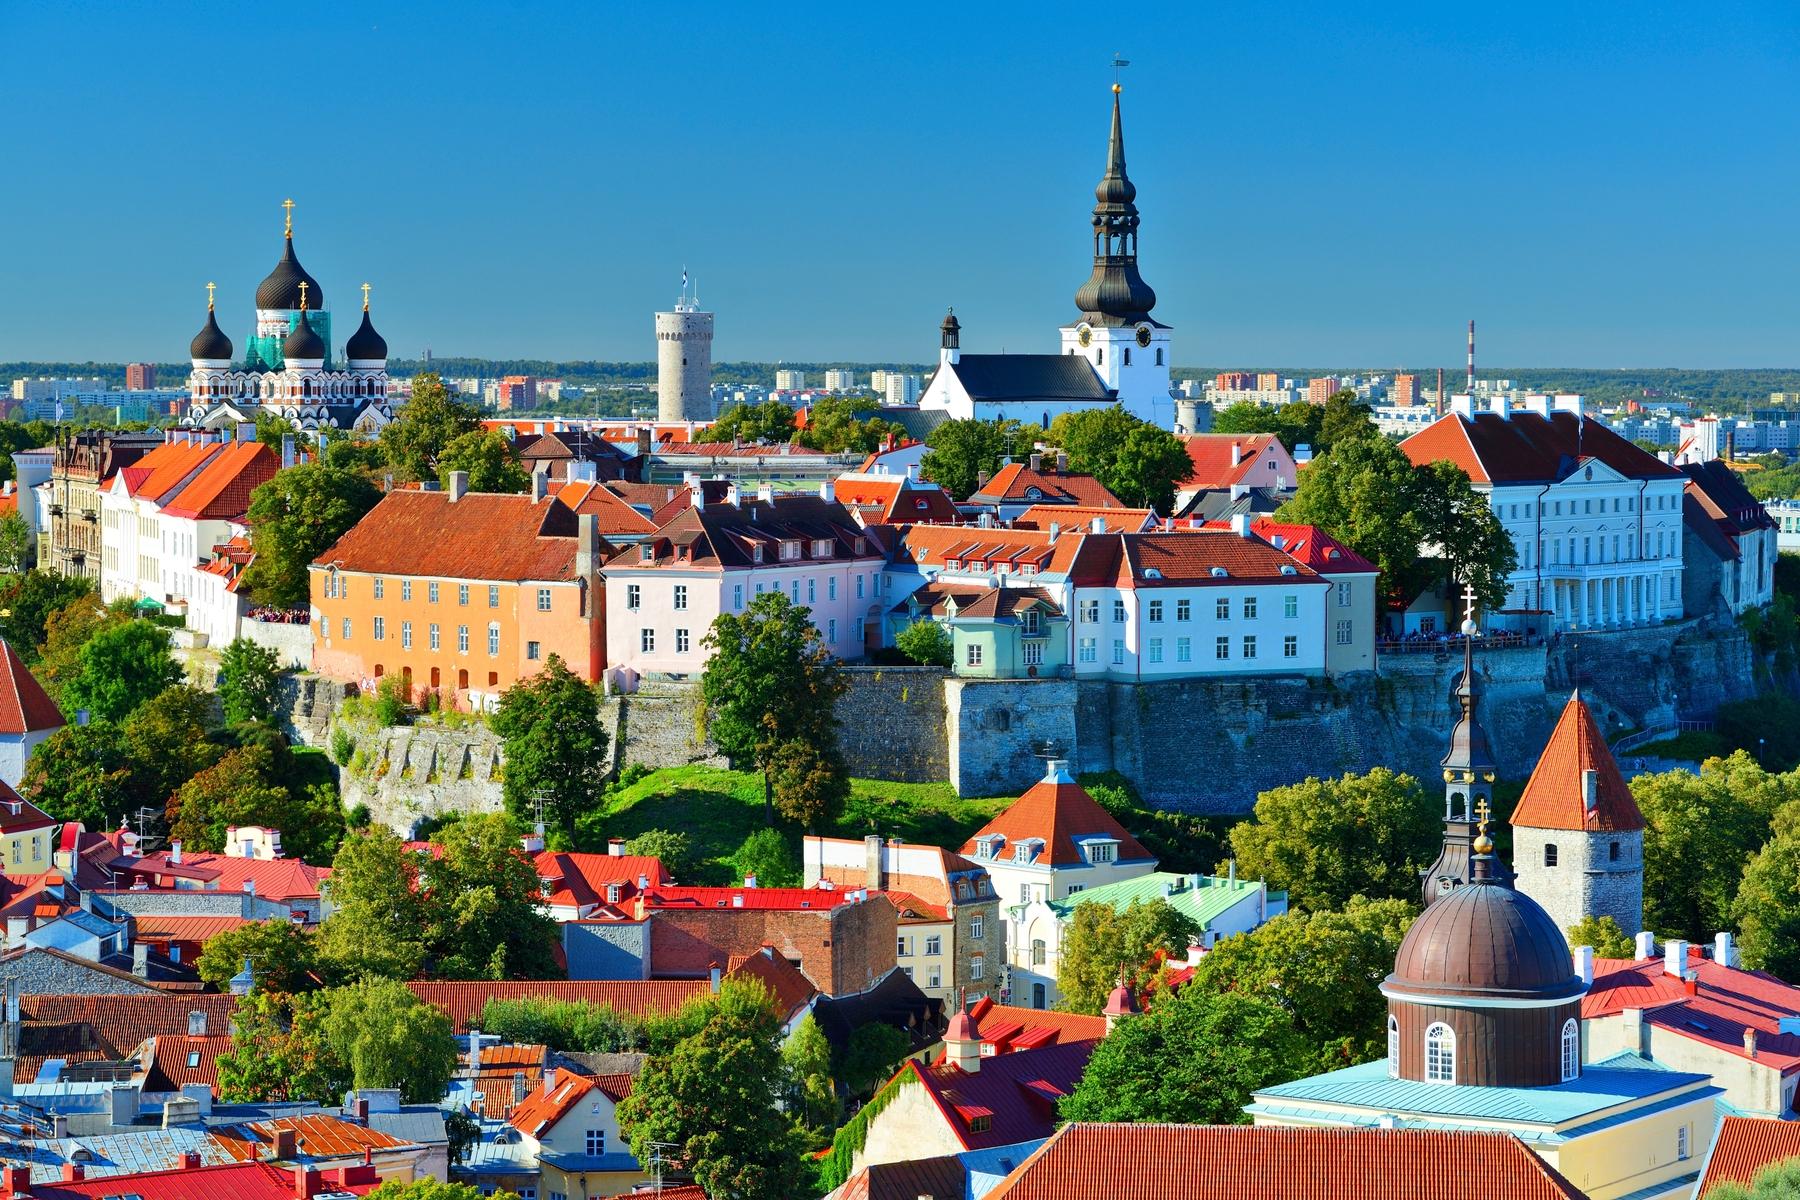 estonia: niente restrizioni per turisti vaccinati